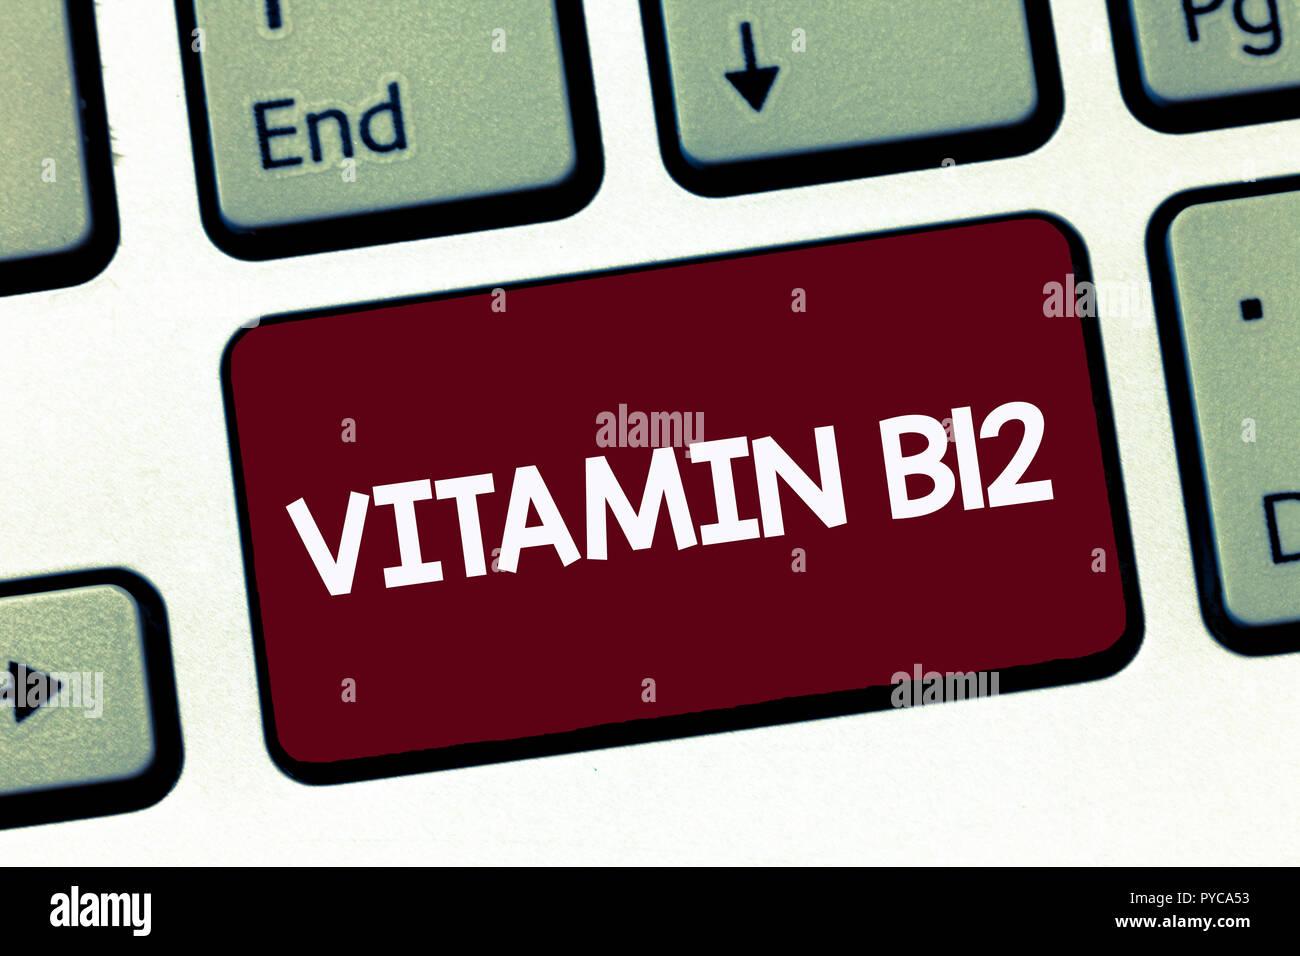 Texte de l'écriture manuscrite La vitamine B12. Sens Concept groupe de substances essentielles pour le fonctionnement de certaines enzymes. Photo Stock